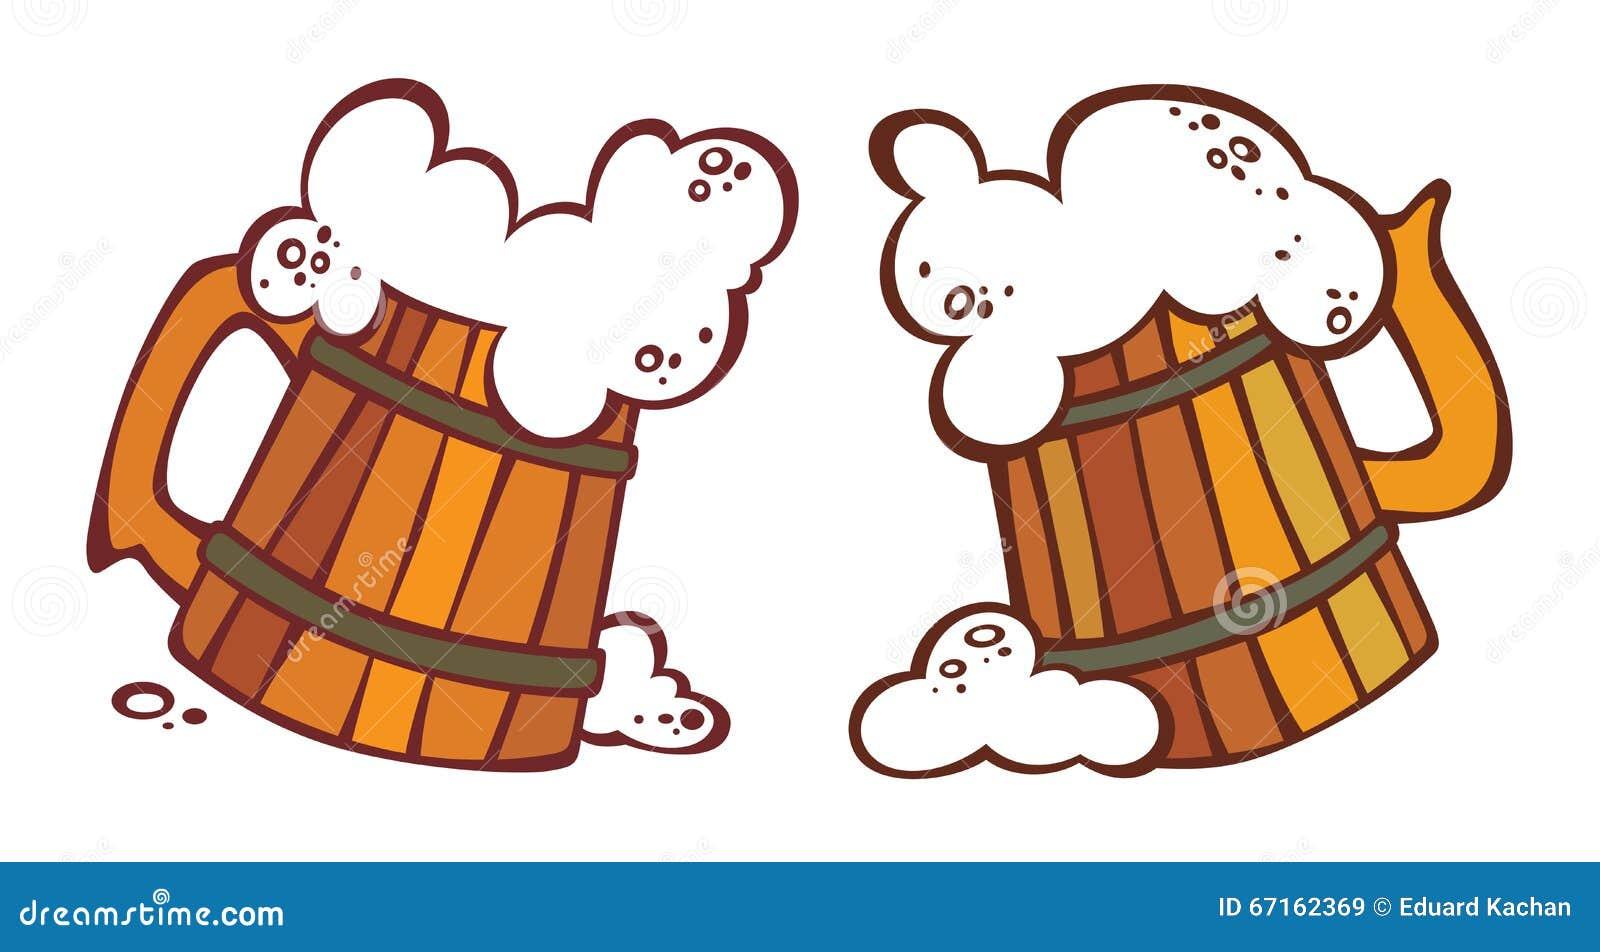 Estremamente Due Boccali Con Coperchio Con Una Birra Illustrazione Vettoriale  PH16